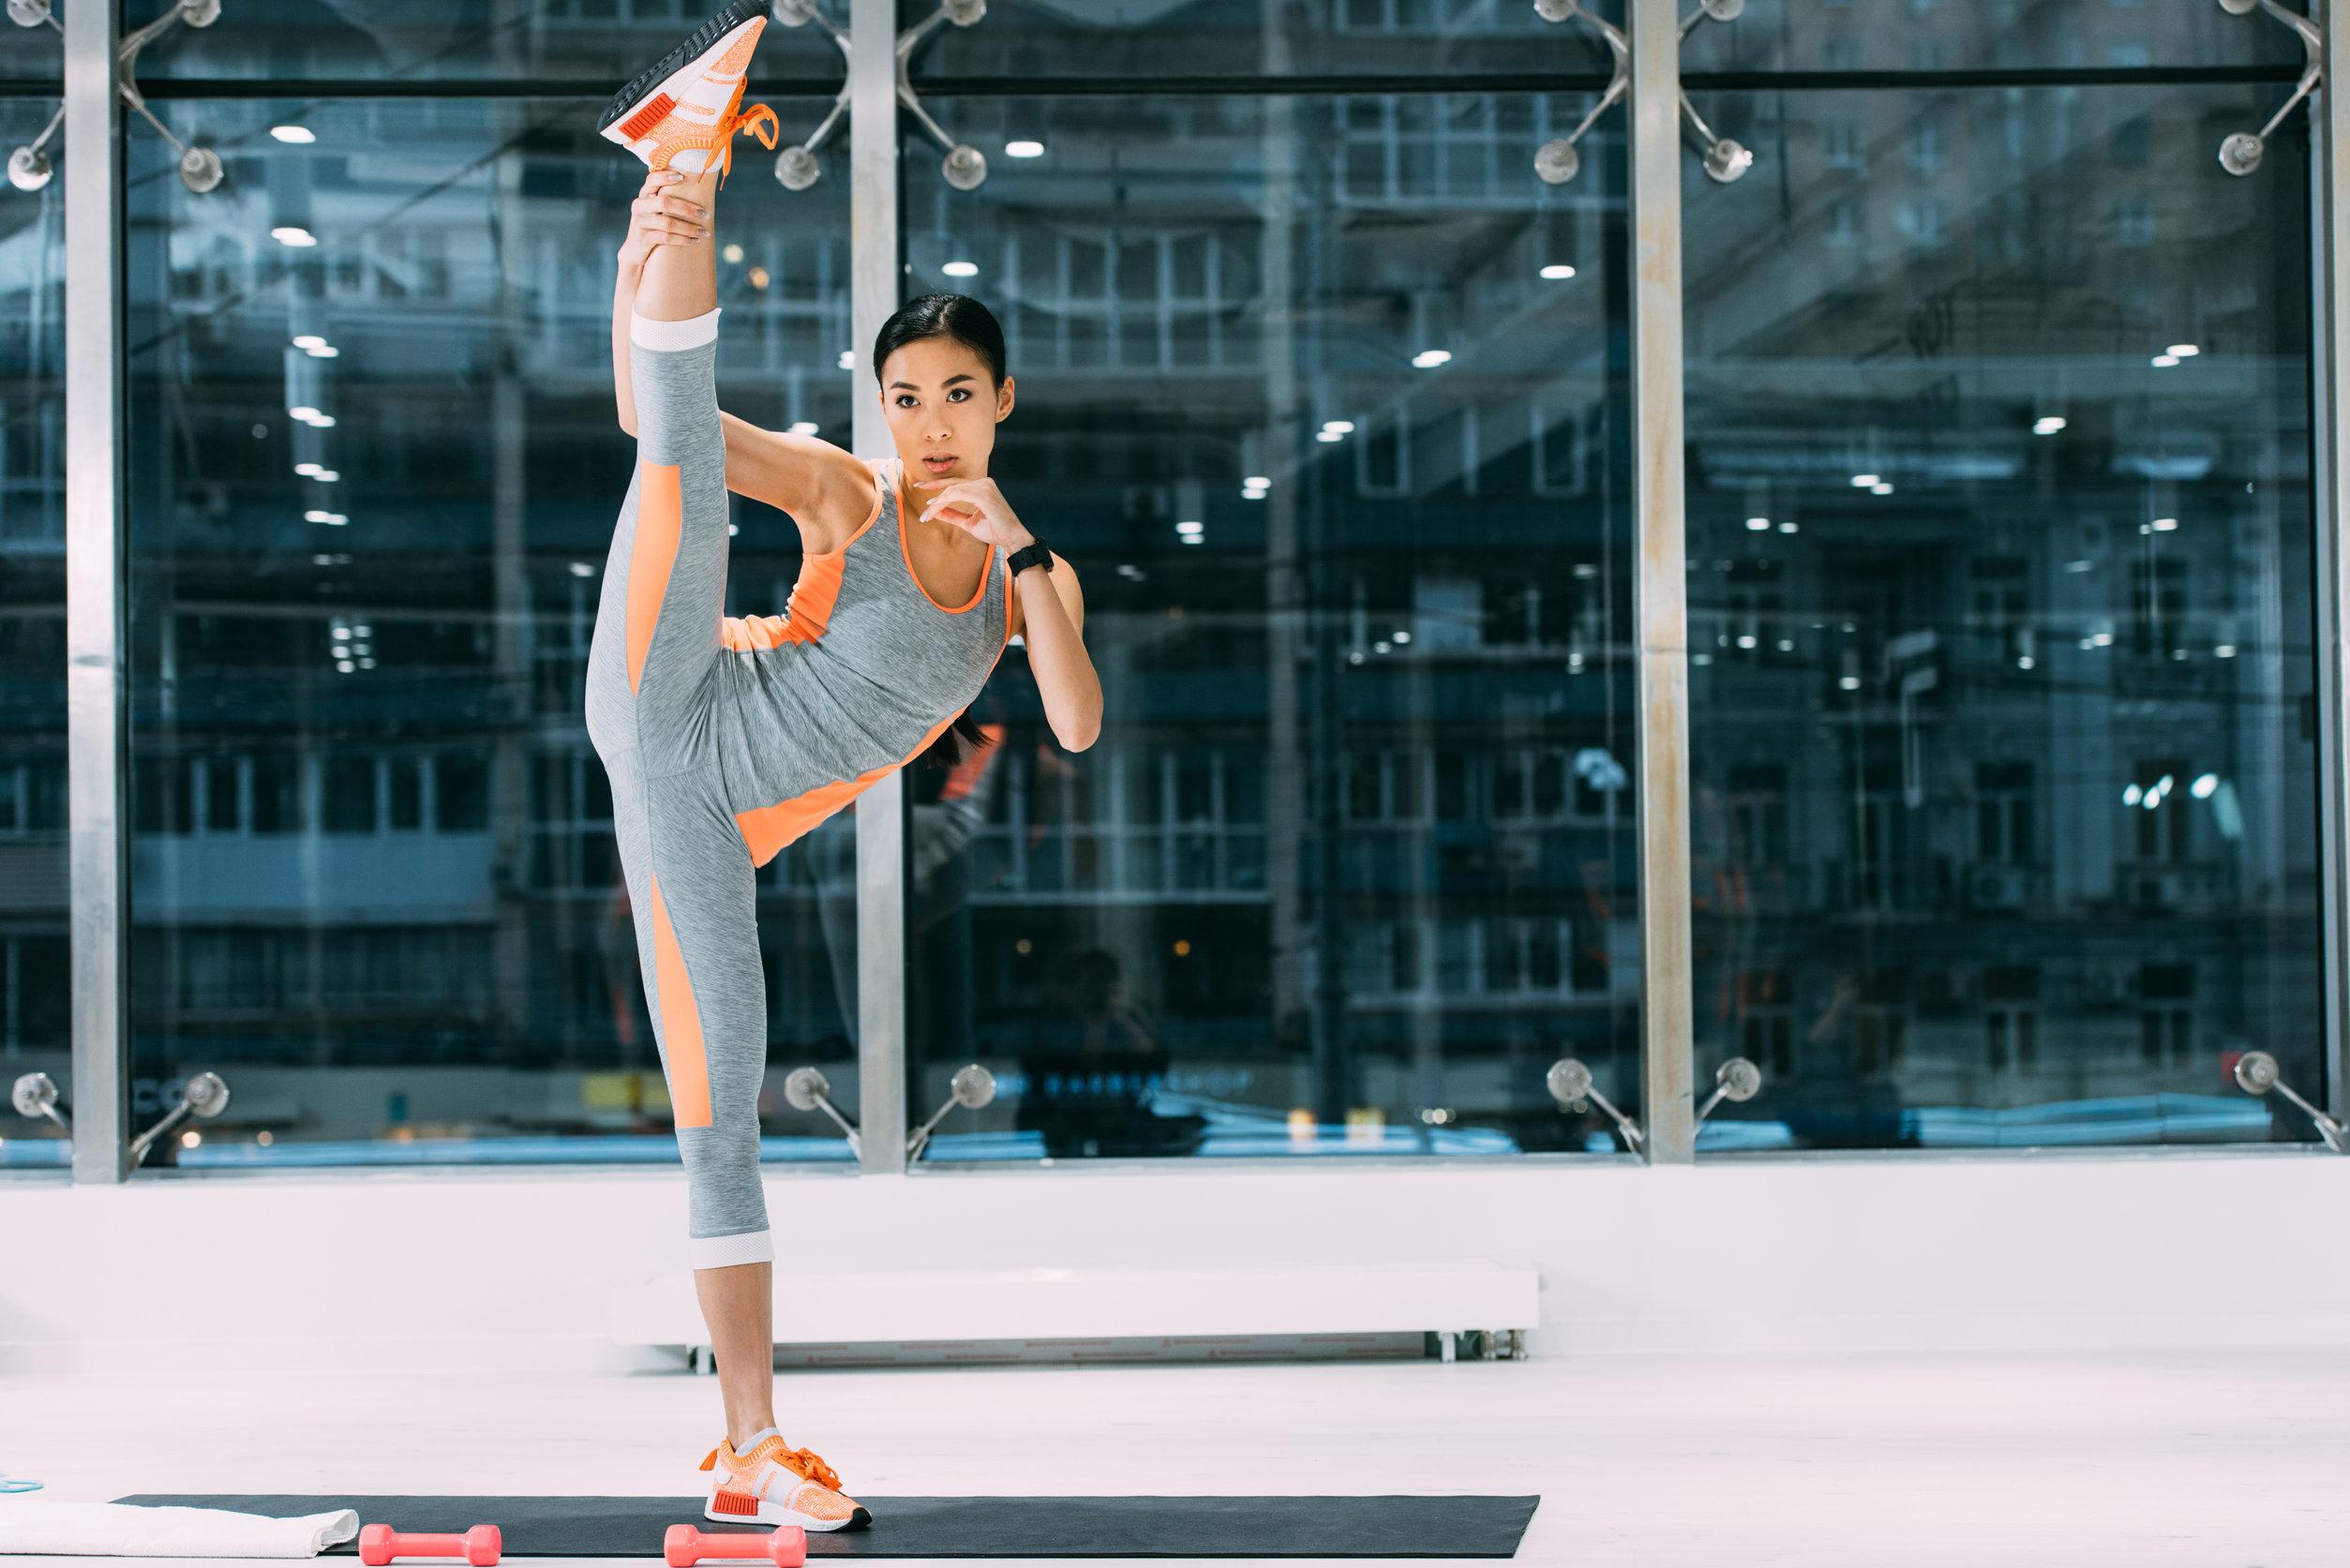 Flexibilidad: ¿Cómo ganarla?